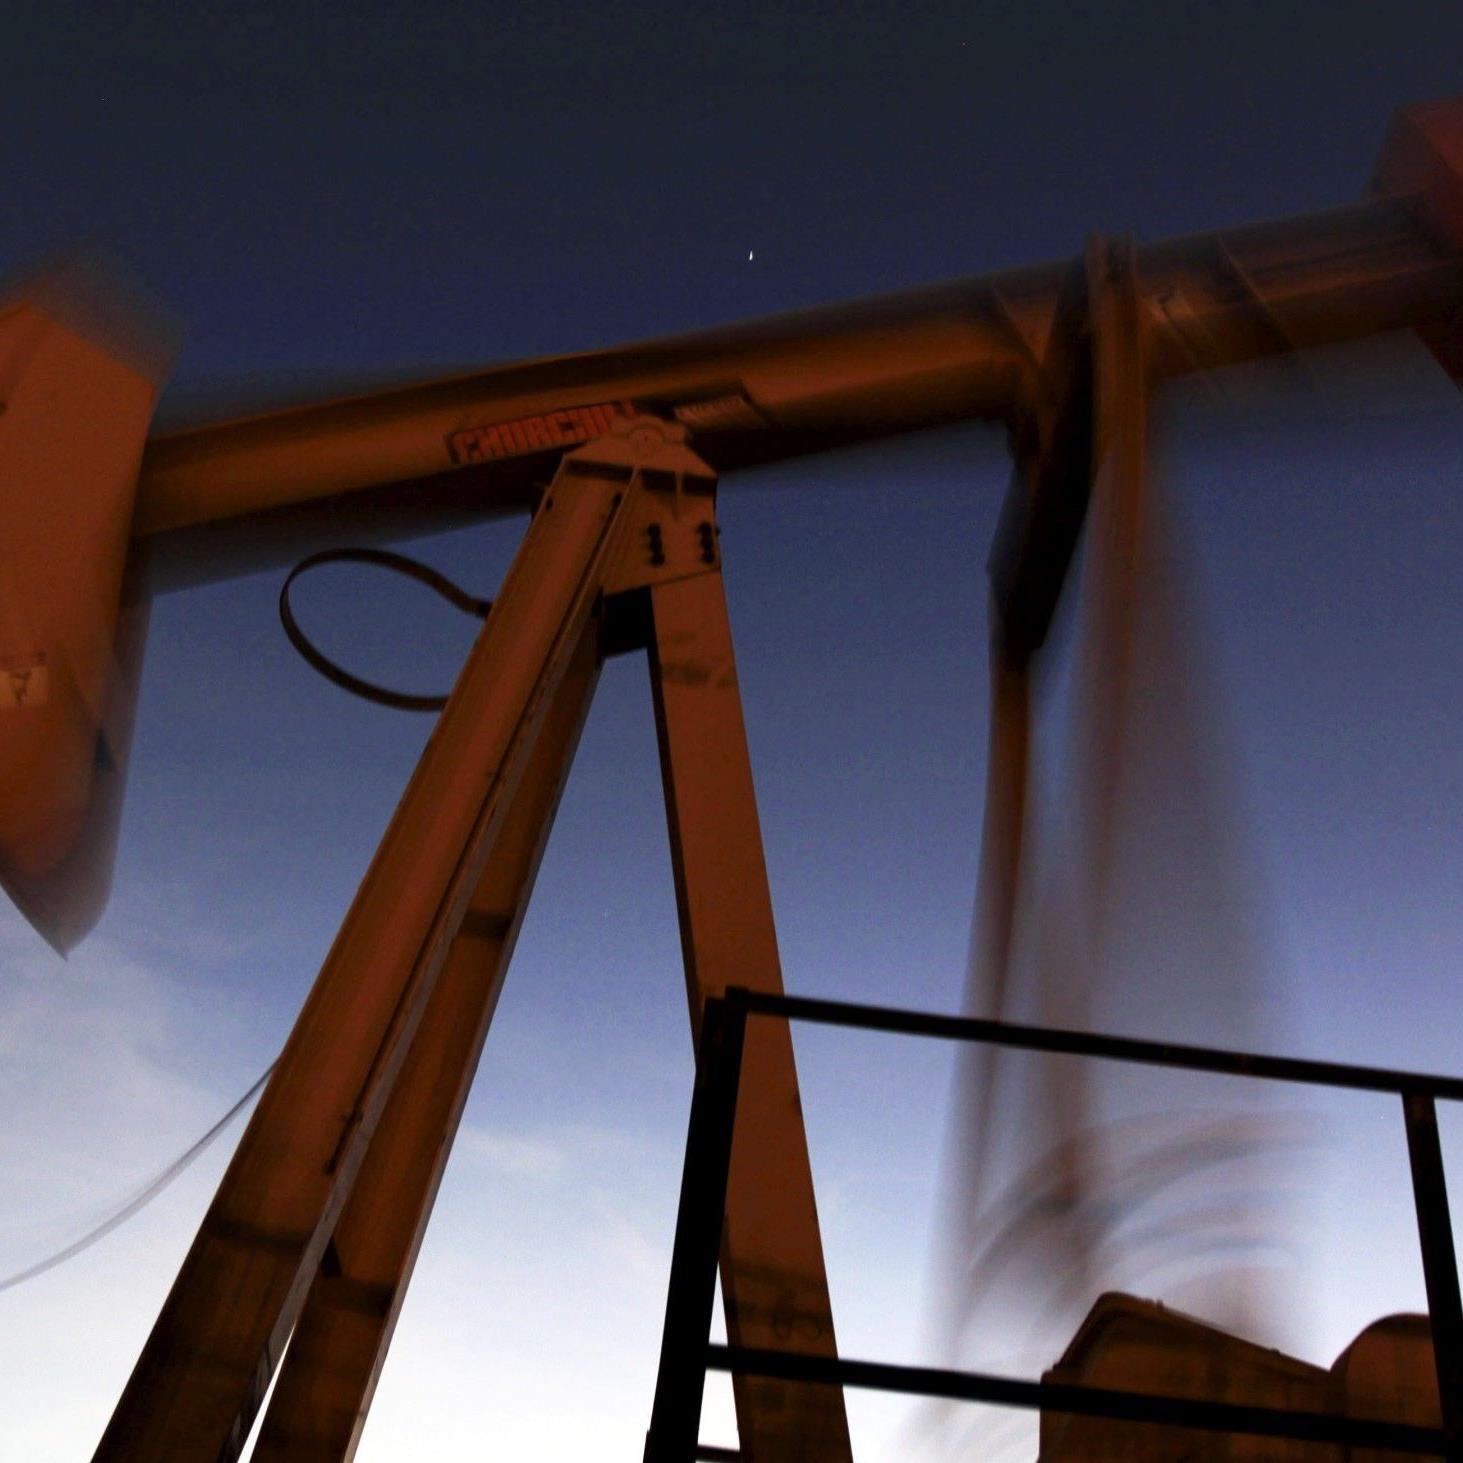 Öl-, Gas- oder Bergbaufirmen müssen ihre Zahlungen an Regierungen offenlegen.